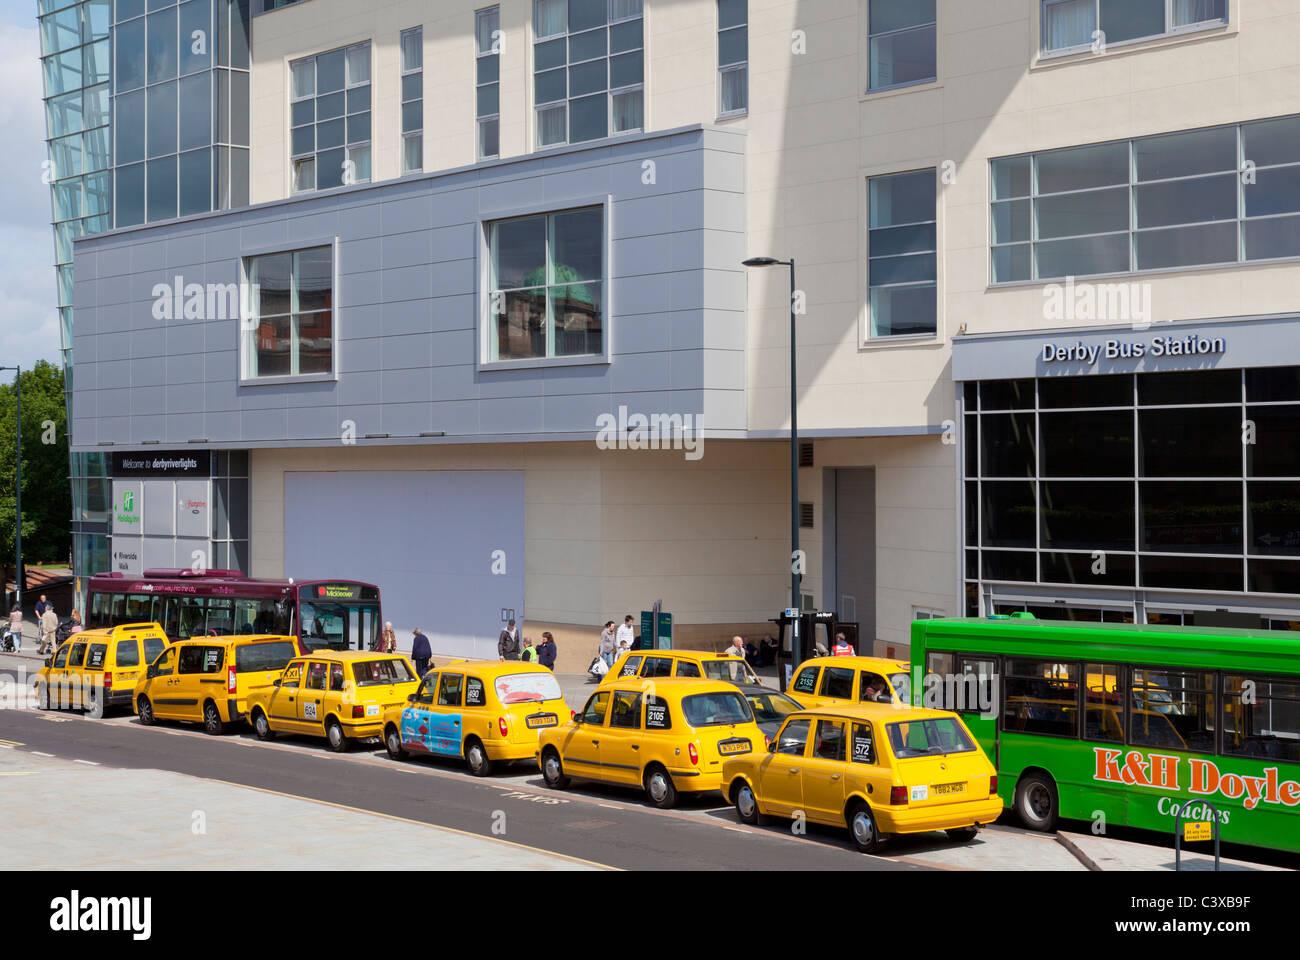 La gare routière de Derby avec les taxis jaunes et les autobus sur une journée bien remplie, le Cockpit Photo Stock